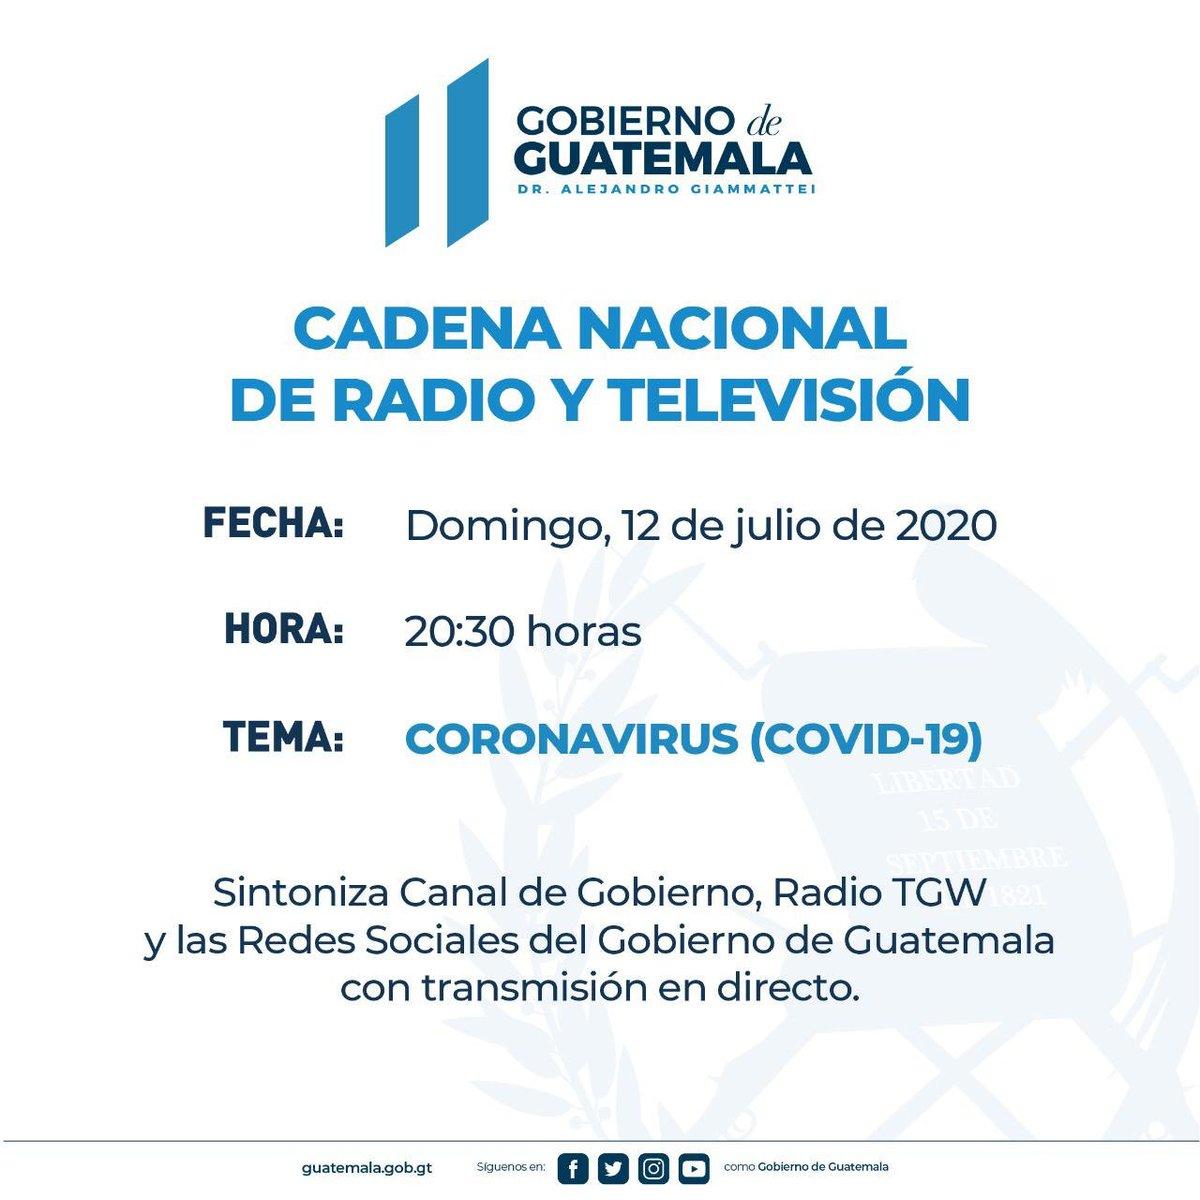 test Twitter Media - #AHORA Gobierno anuncia Cadena Nacional este domingo a las 20:30 horas por el tema Coronavirus COVID-19. https://t.co/uPjOB83c2t